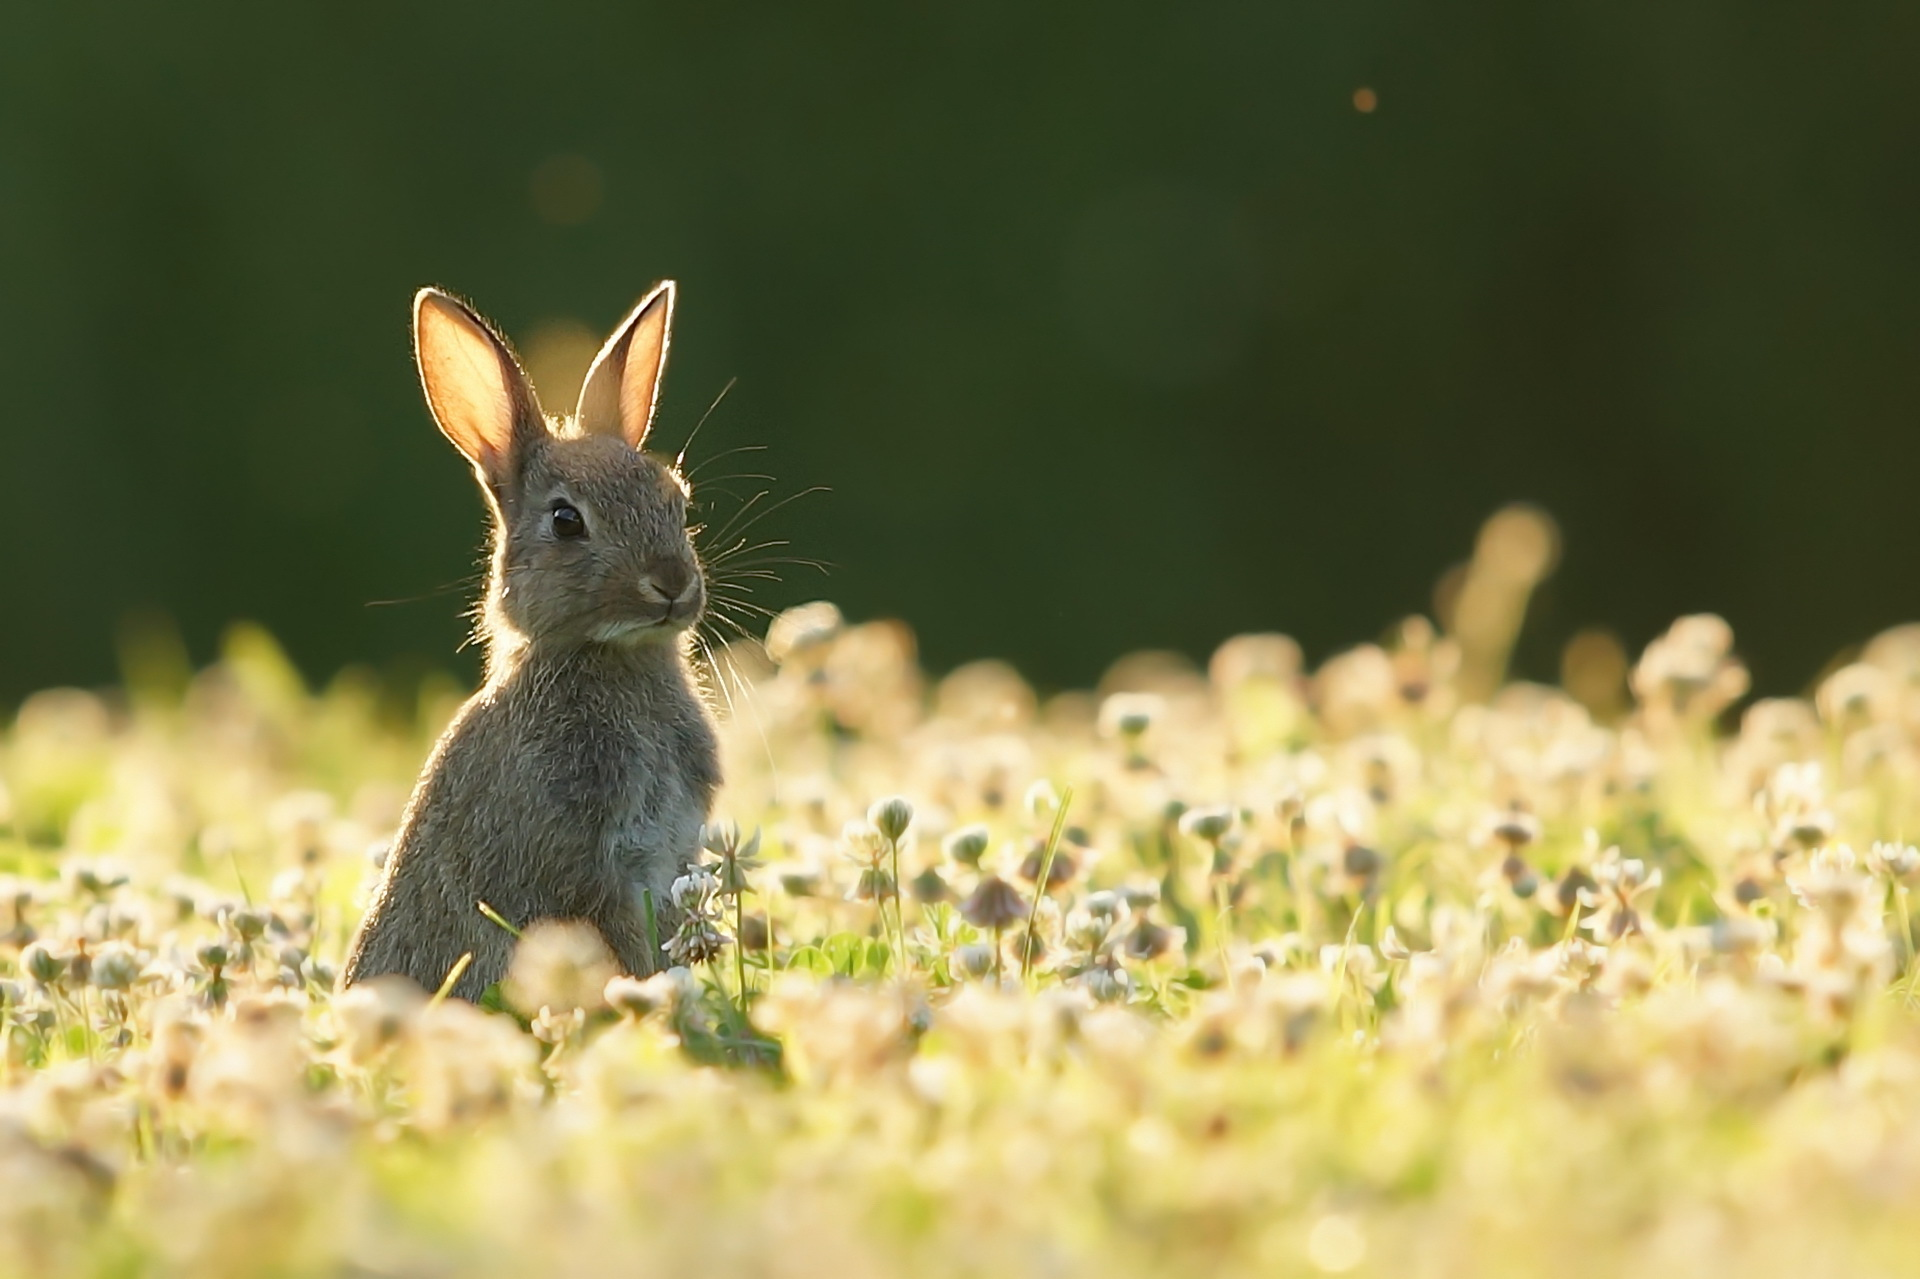 кролик девушка природа животное  № 1594133 без смс